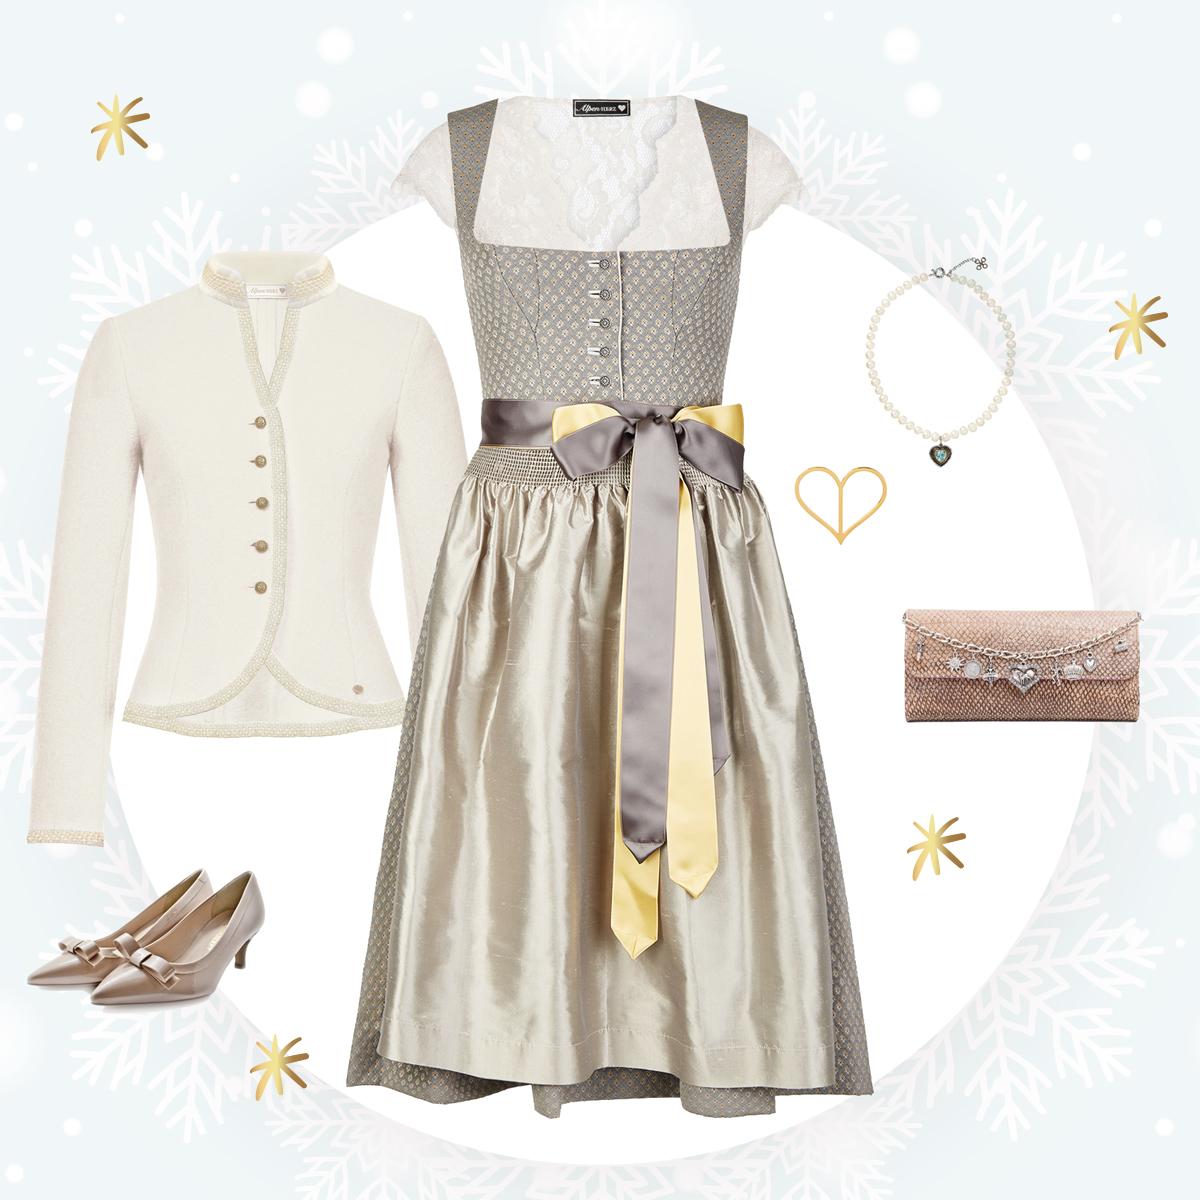 Festliches Dirndl-Outfit Amsel Fashion